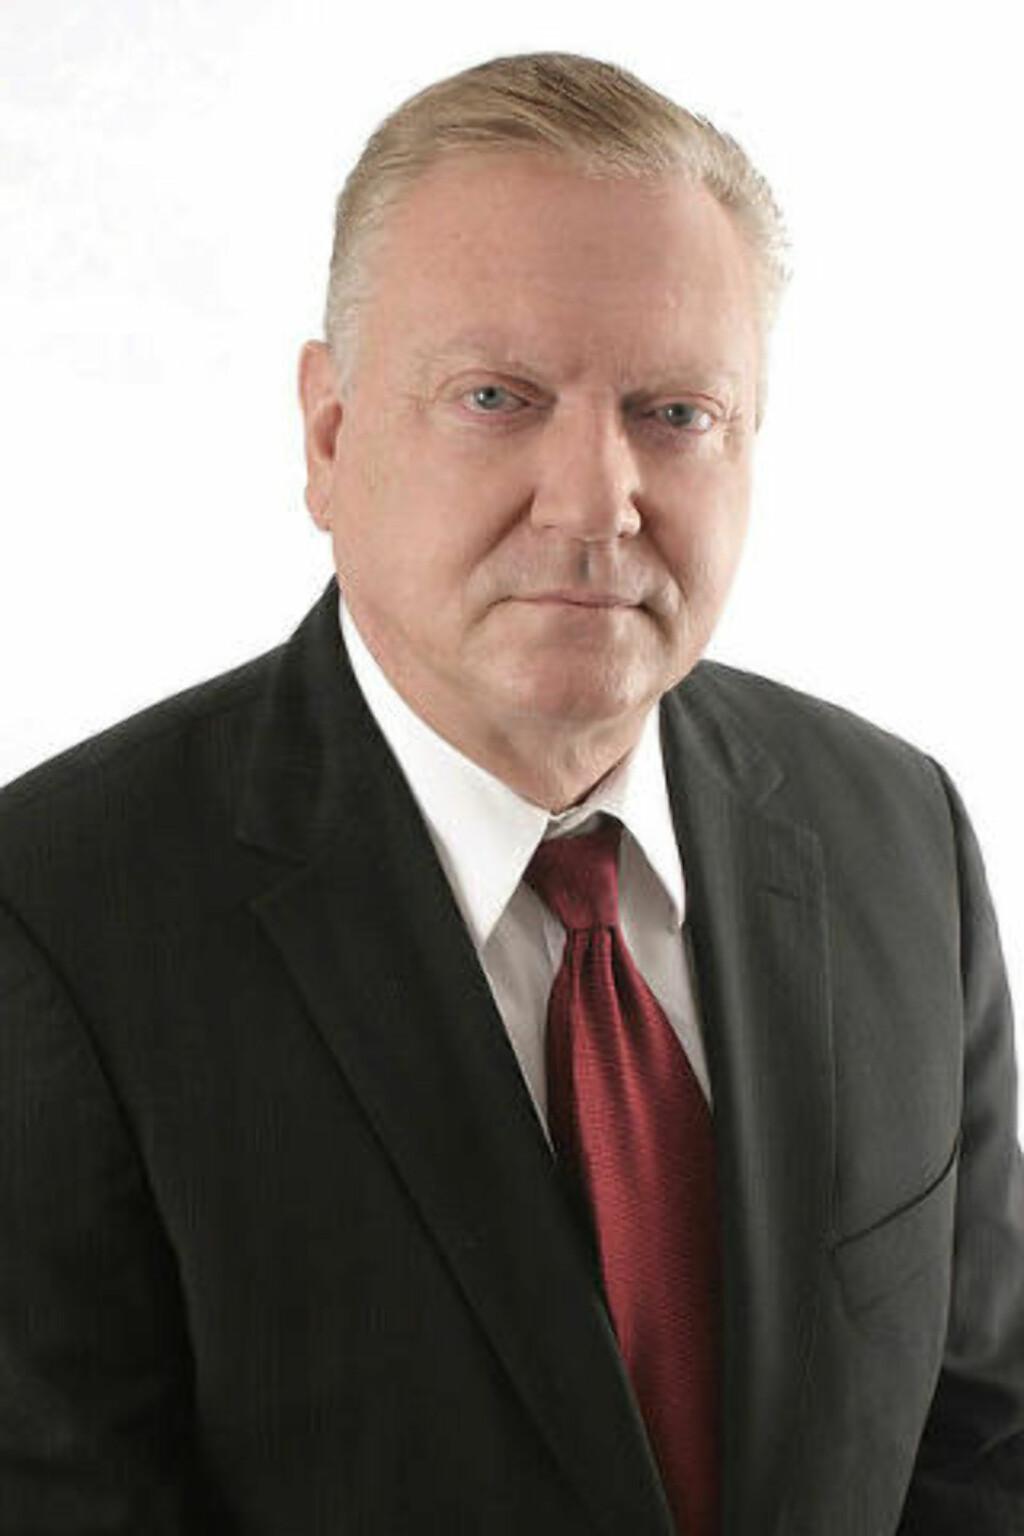 SØNN AV SPION: Jurgen Mossack har en svært spesiell familiehistorie, ifølge ICIJ. Foto: Wikipedia